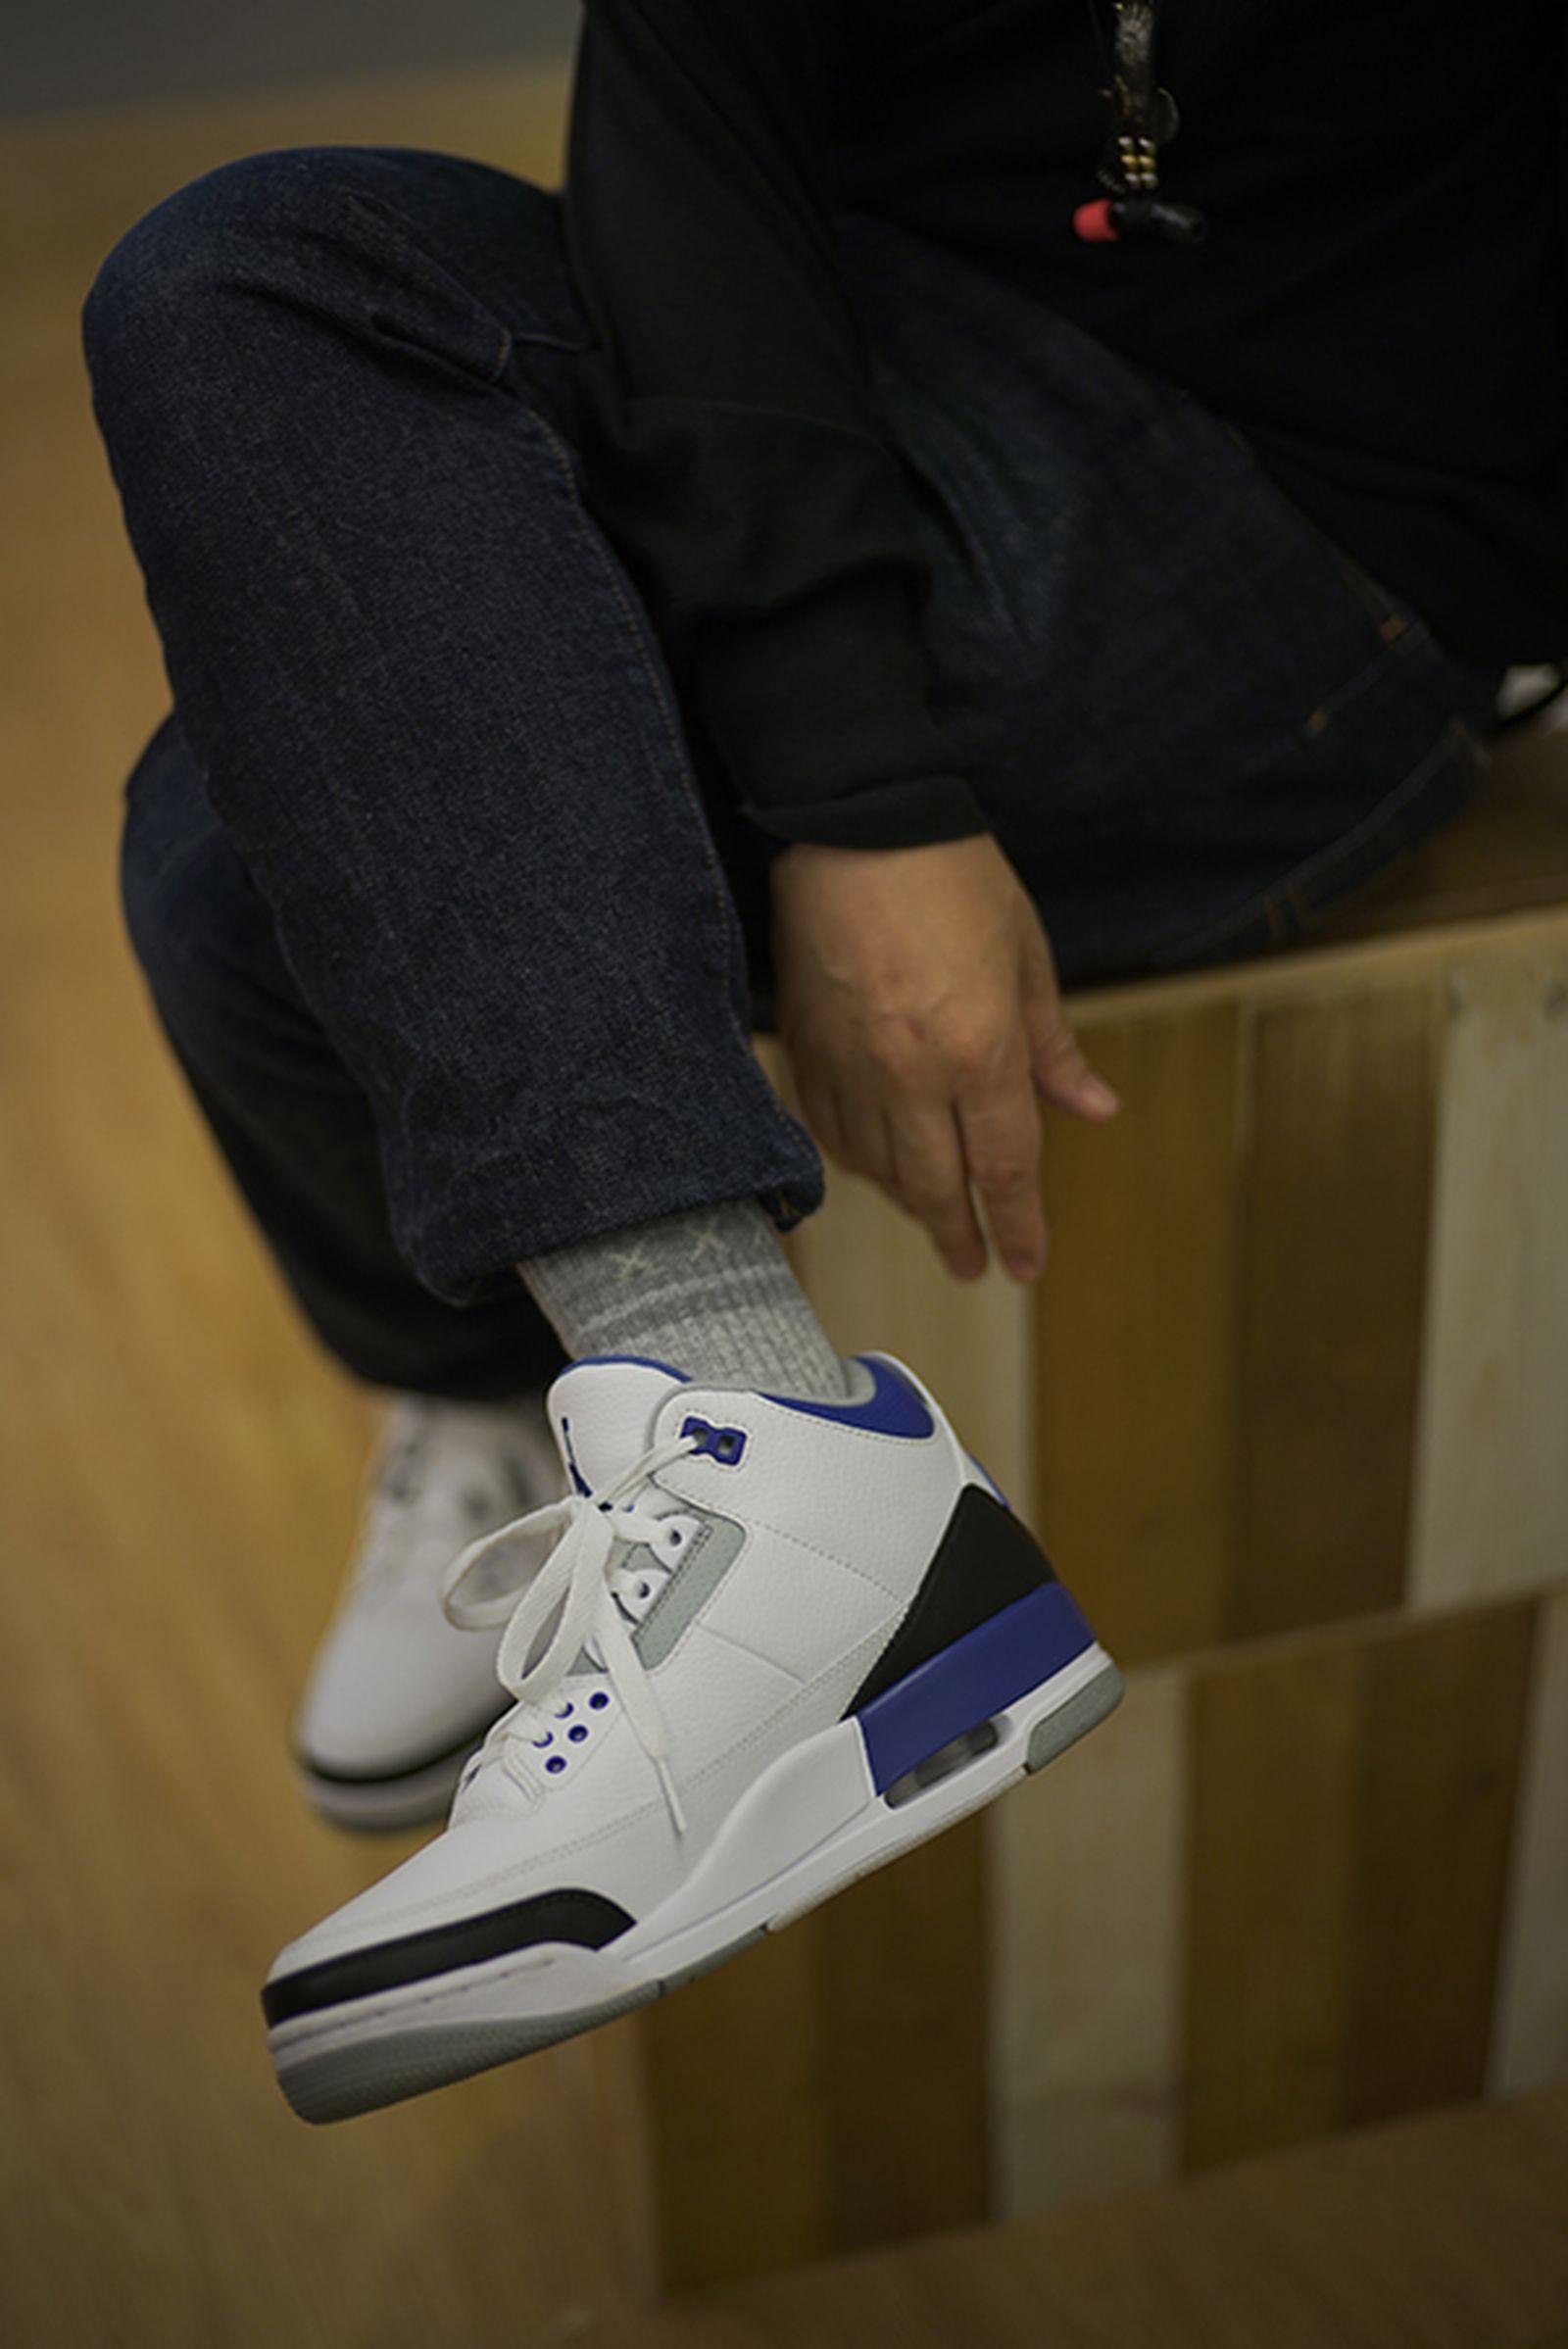 fragment design air jordan 3 sample hiroshi fujiwara jordan brand